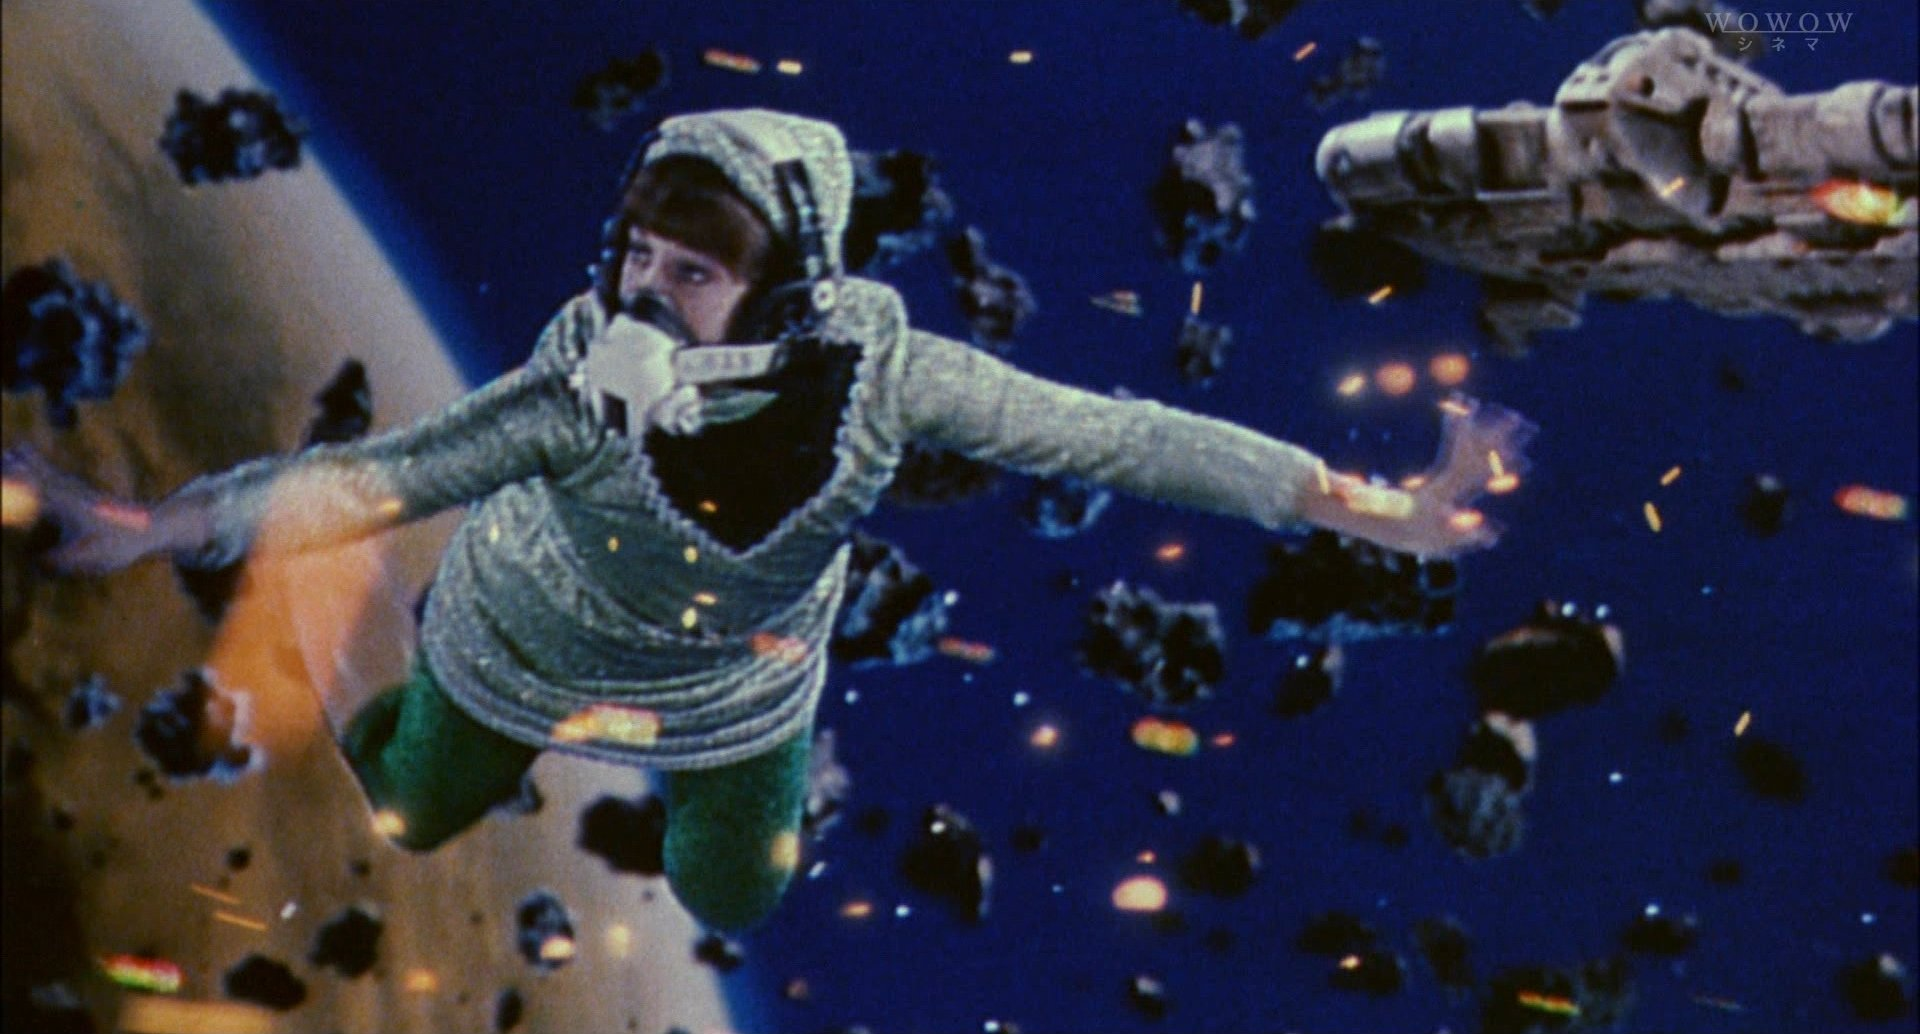 『宇宙からのメッセージ』ビデオ合成